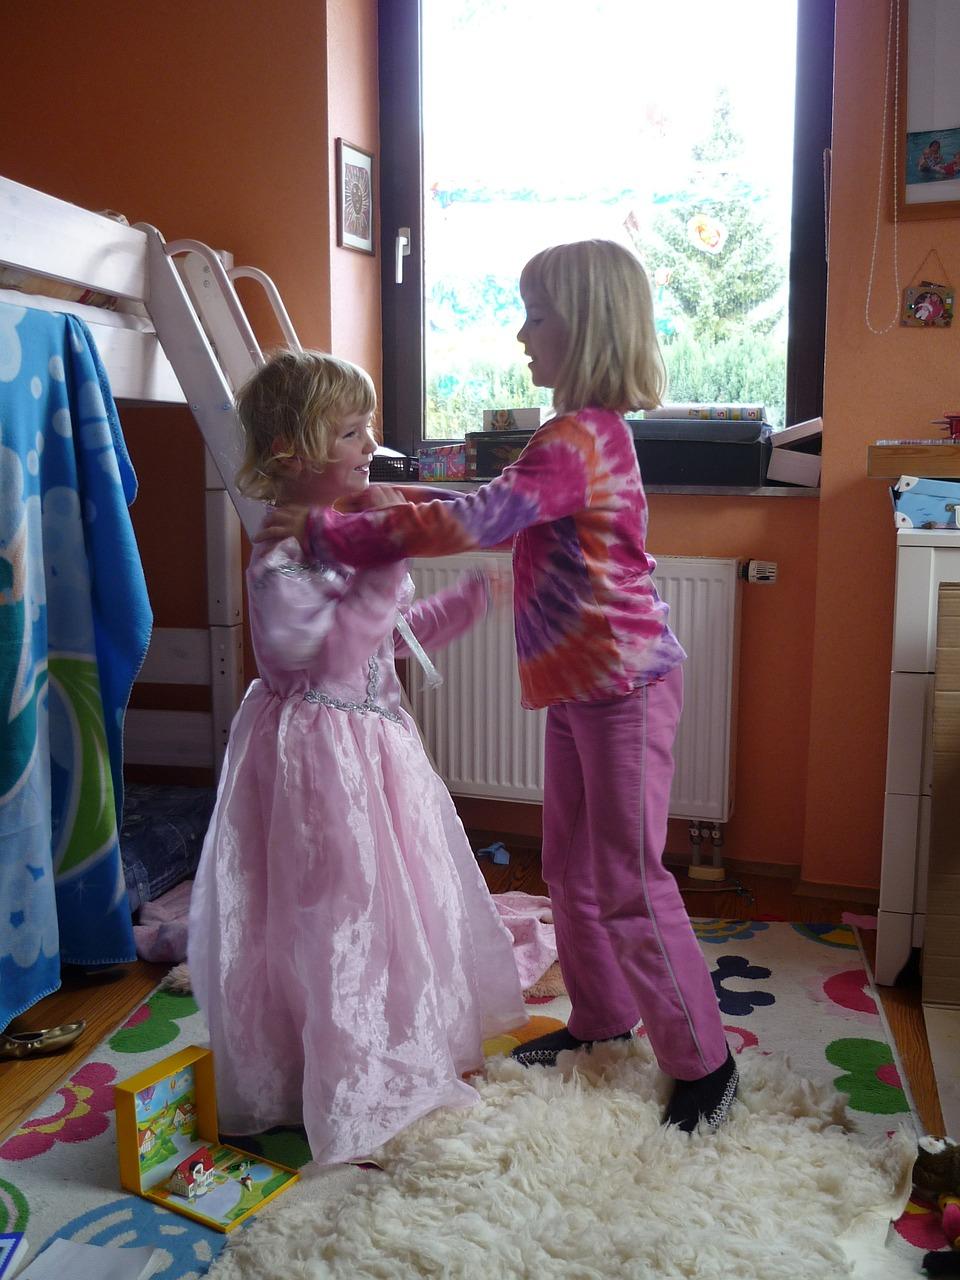 Gemeinsames Kinderzimmer - wie es am besten funktioniert